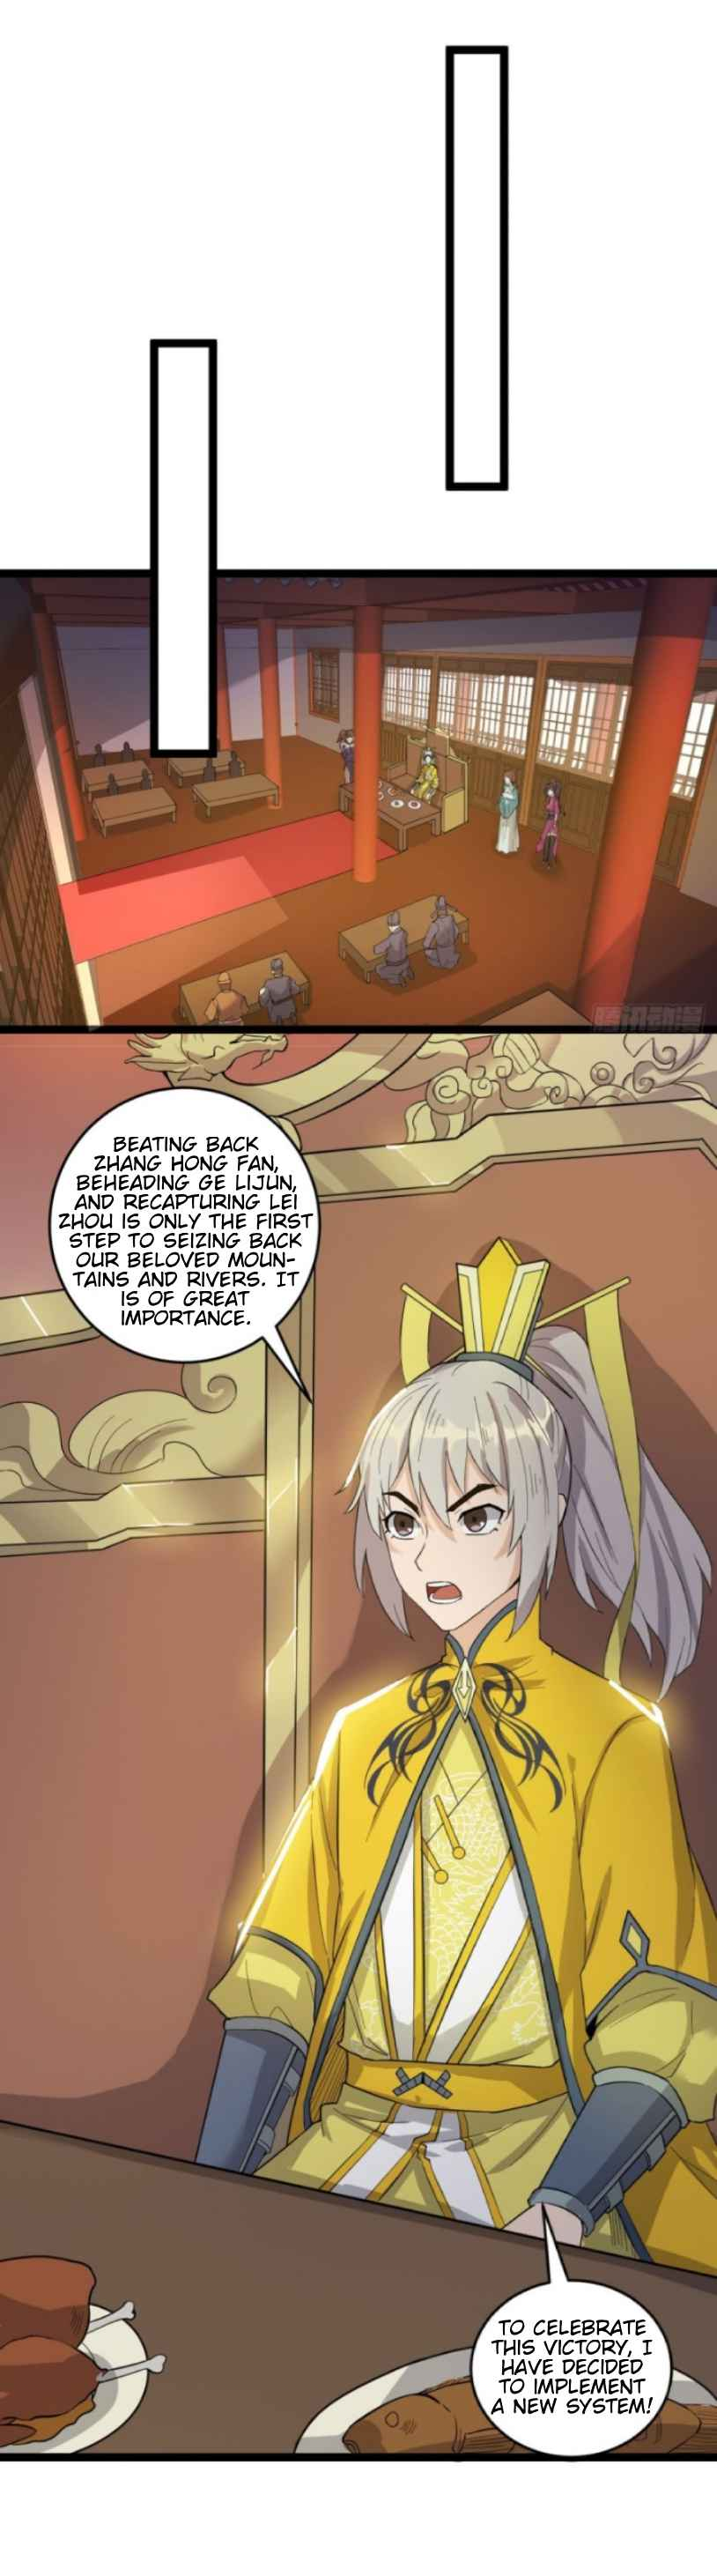 Reborn As An Emperor - chapter 39-eng-li